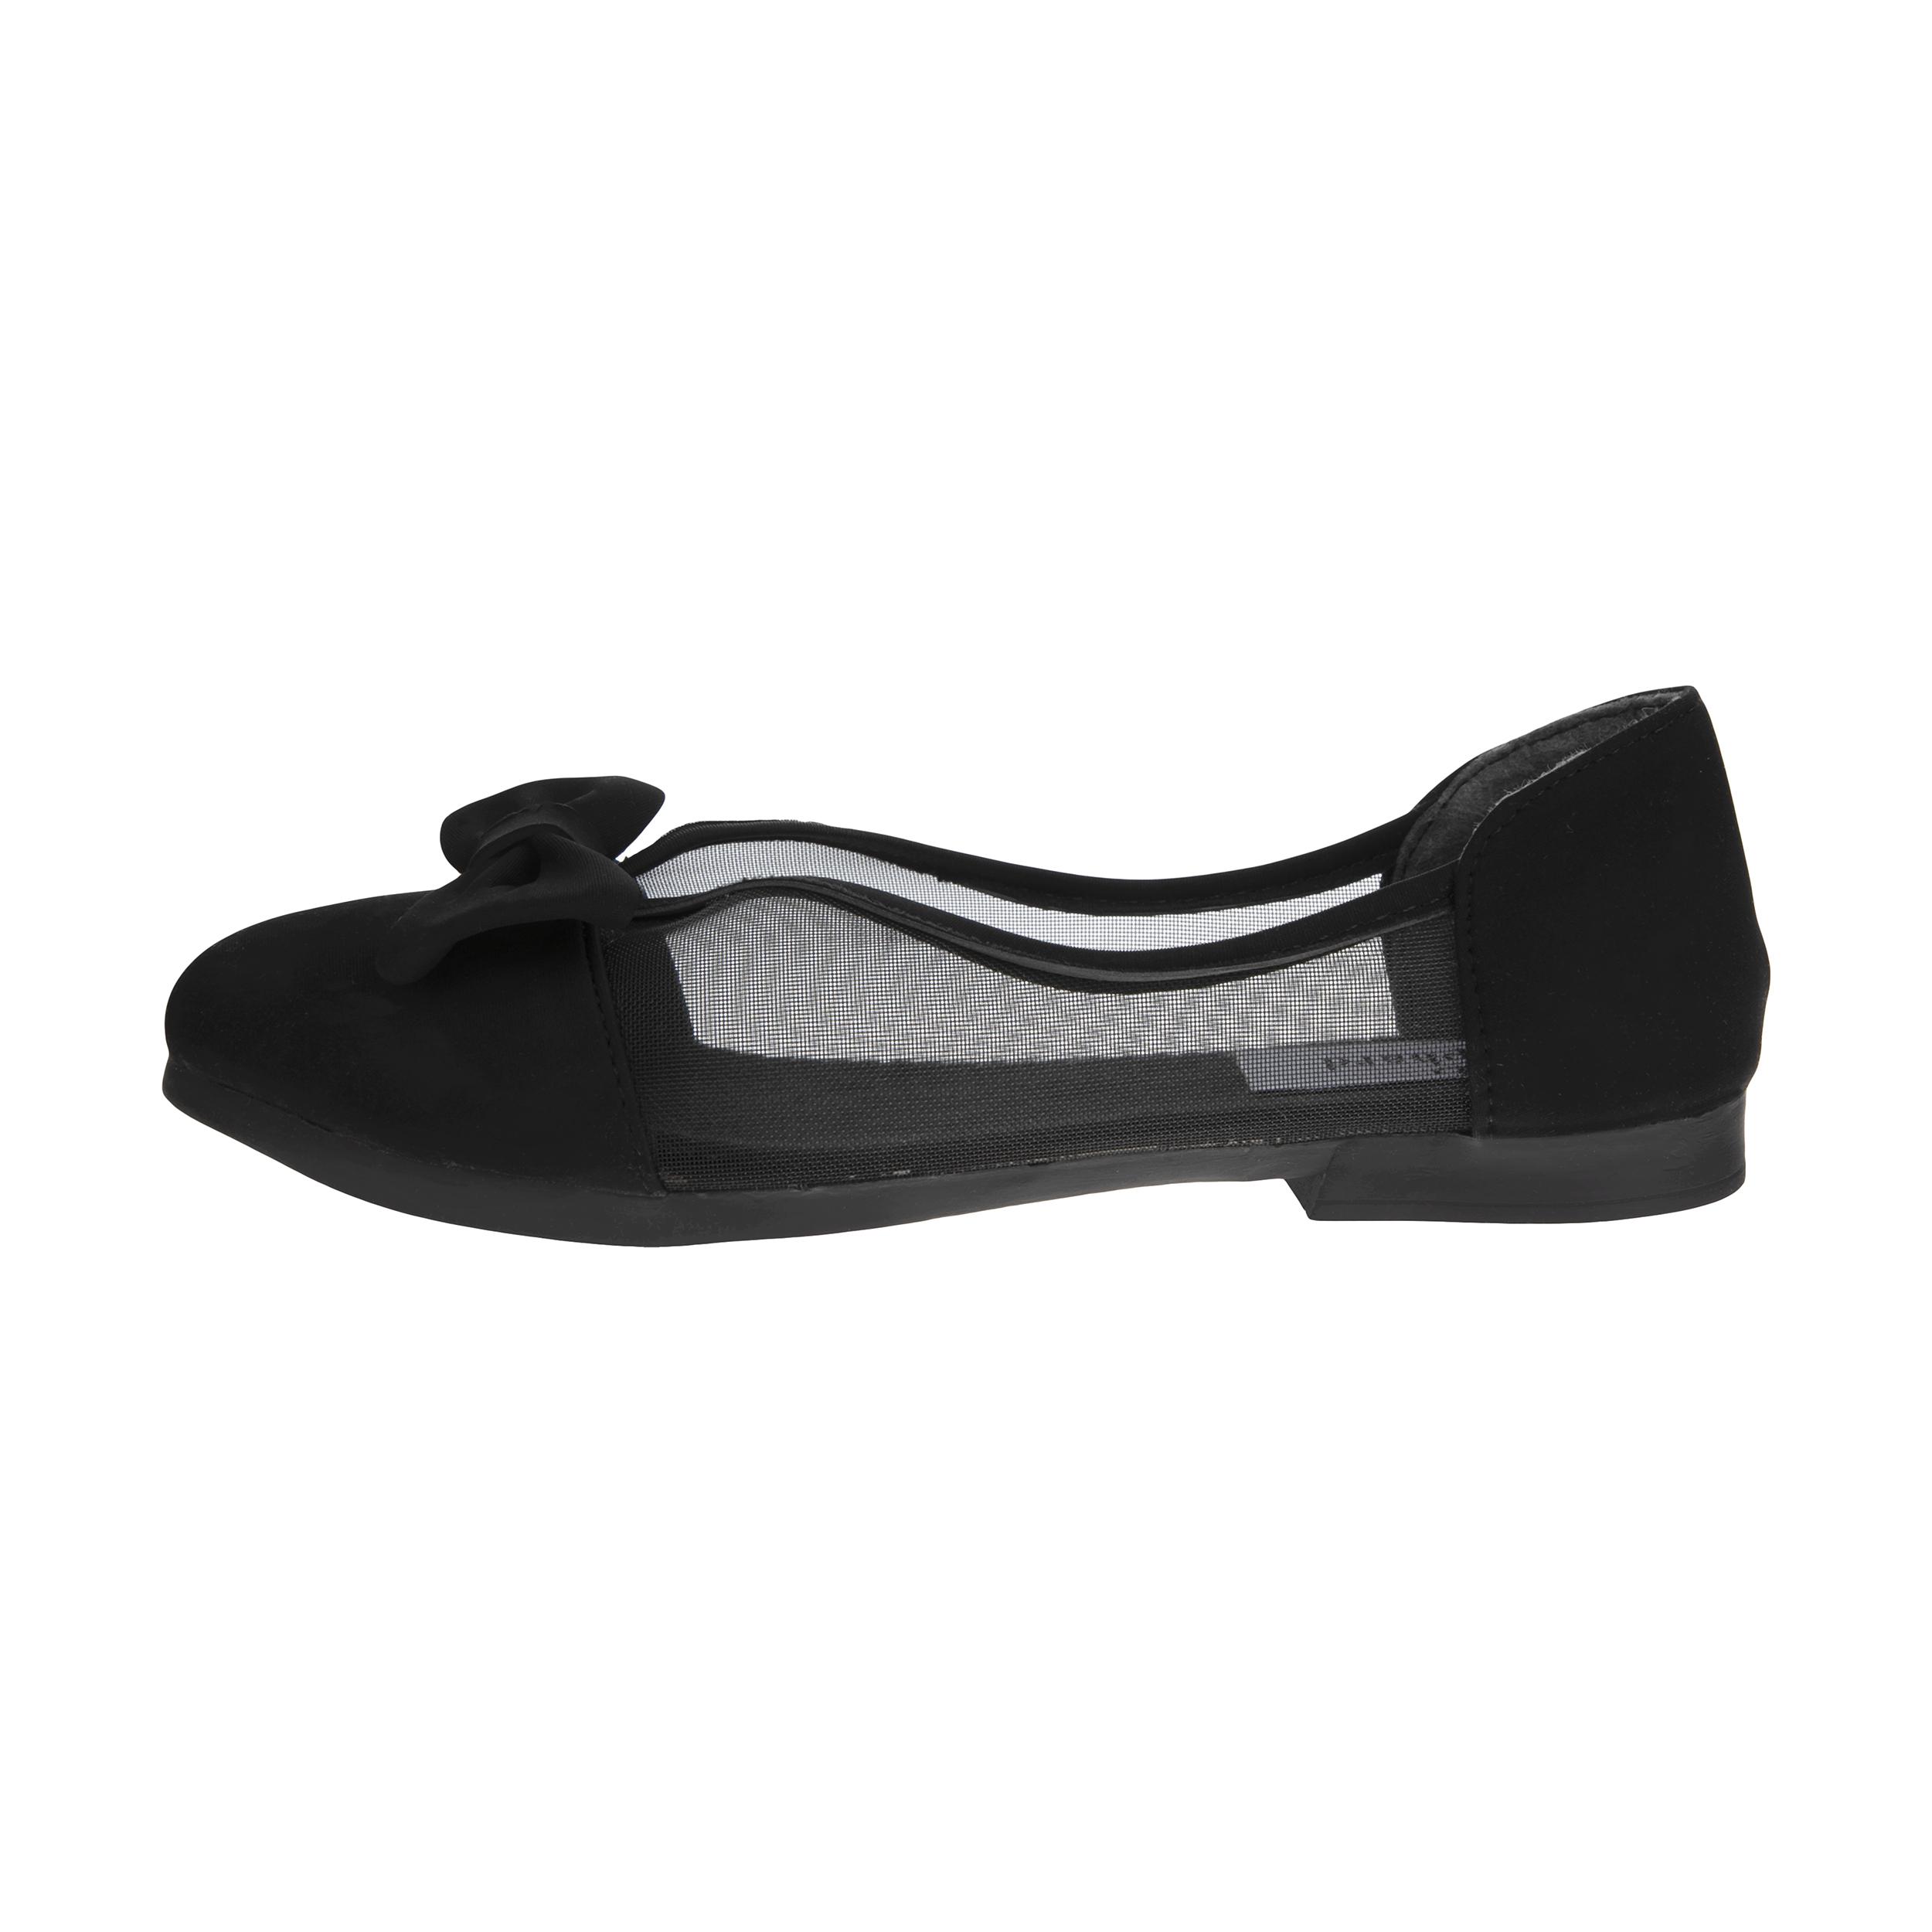 کفش زنانه دلفارد مدل 1000C500101